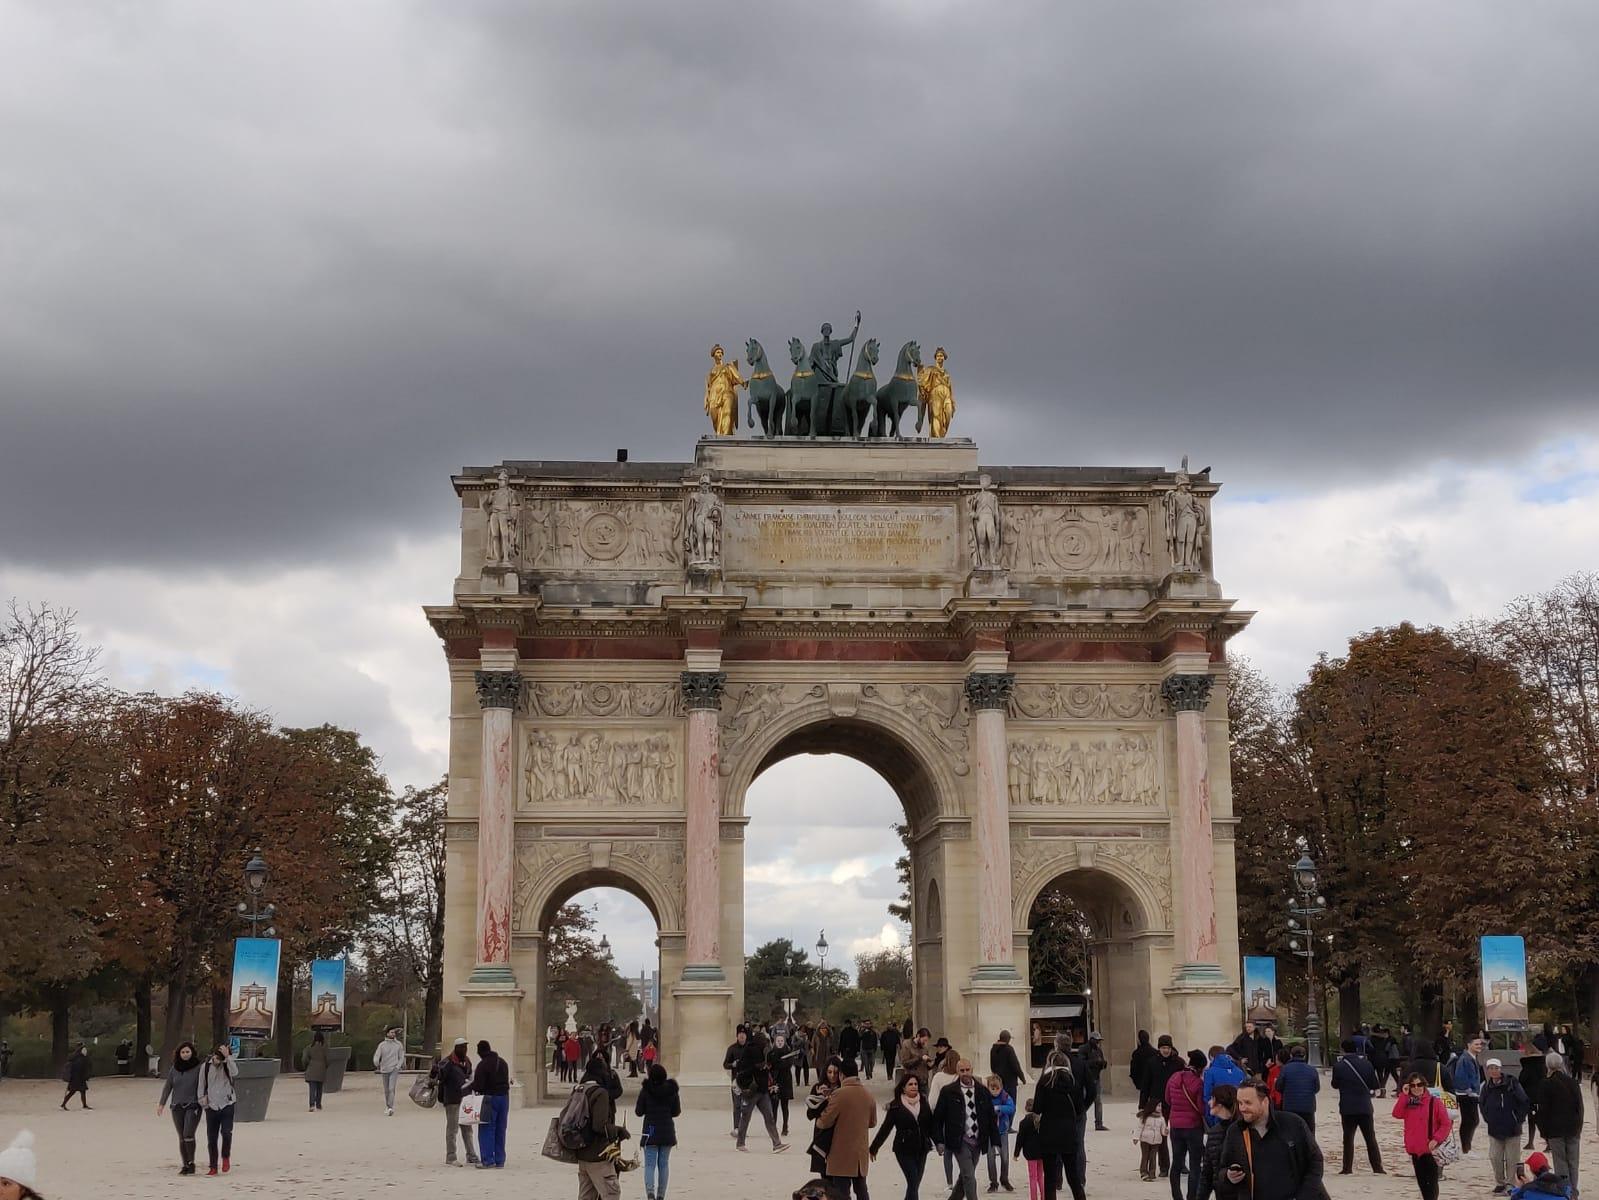 Arc de Triomf, Arc de triomphe